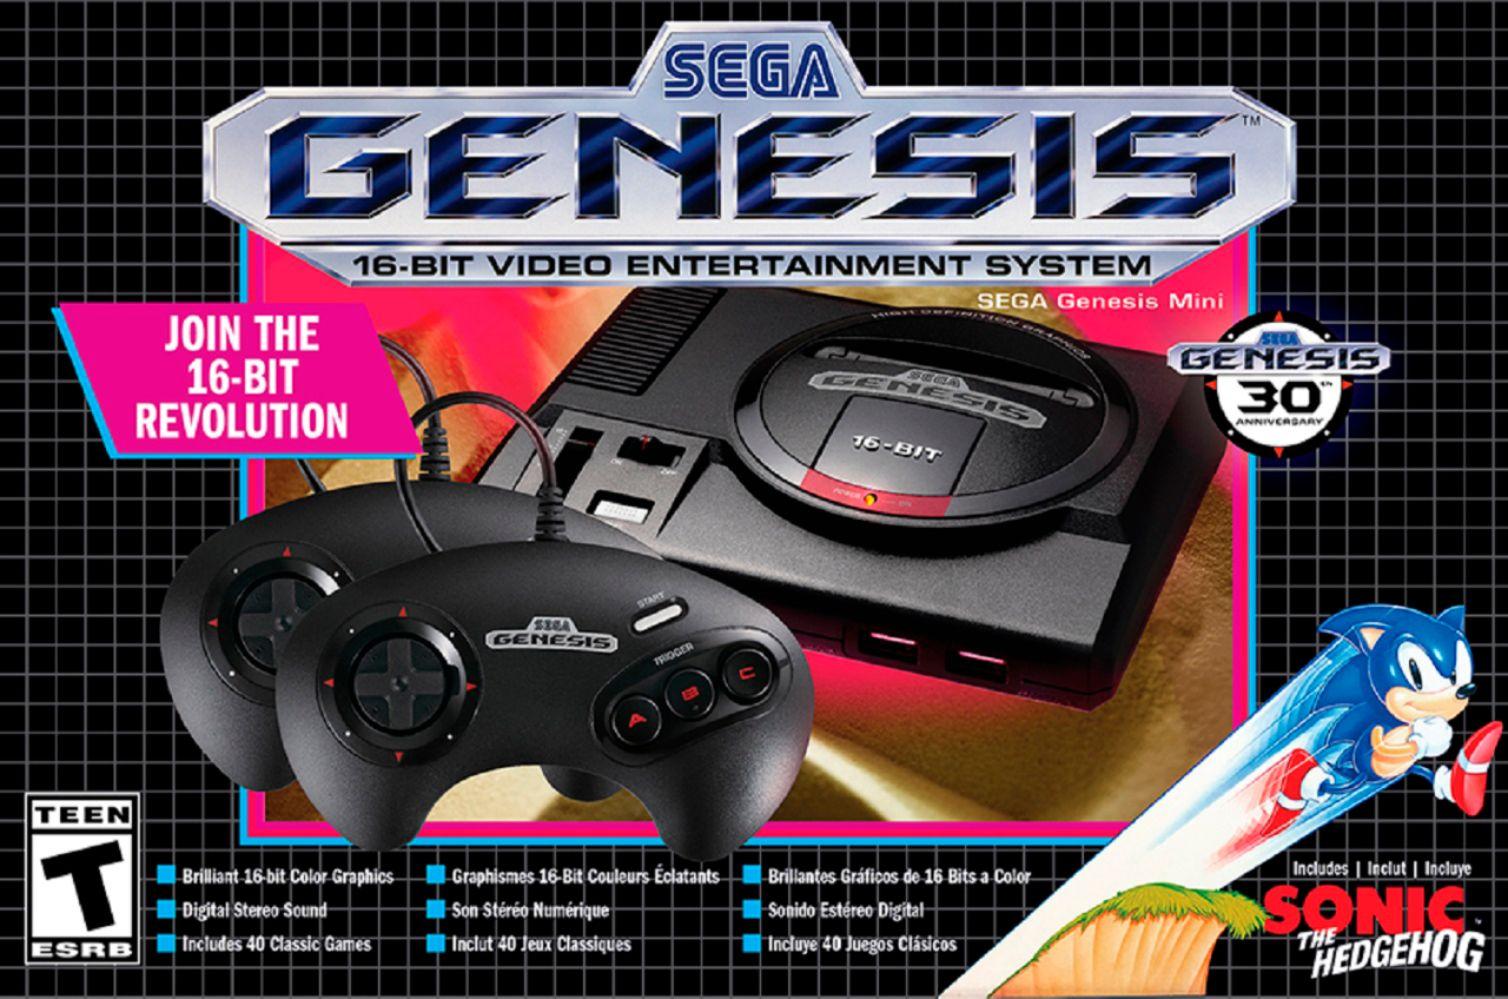 Sega Genesis - Megadrive - 32X (GoodGen 3.00) Repack Download [693.82 MB]